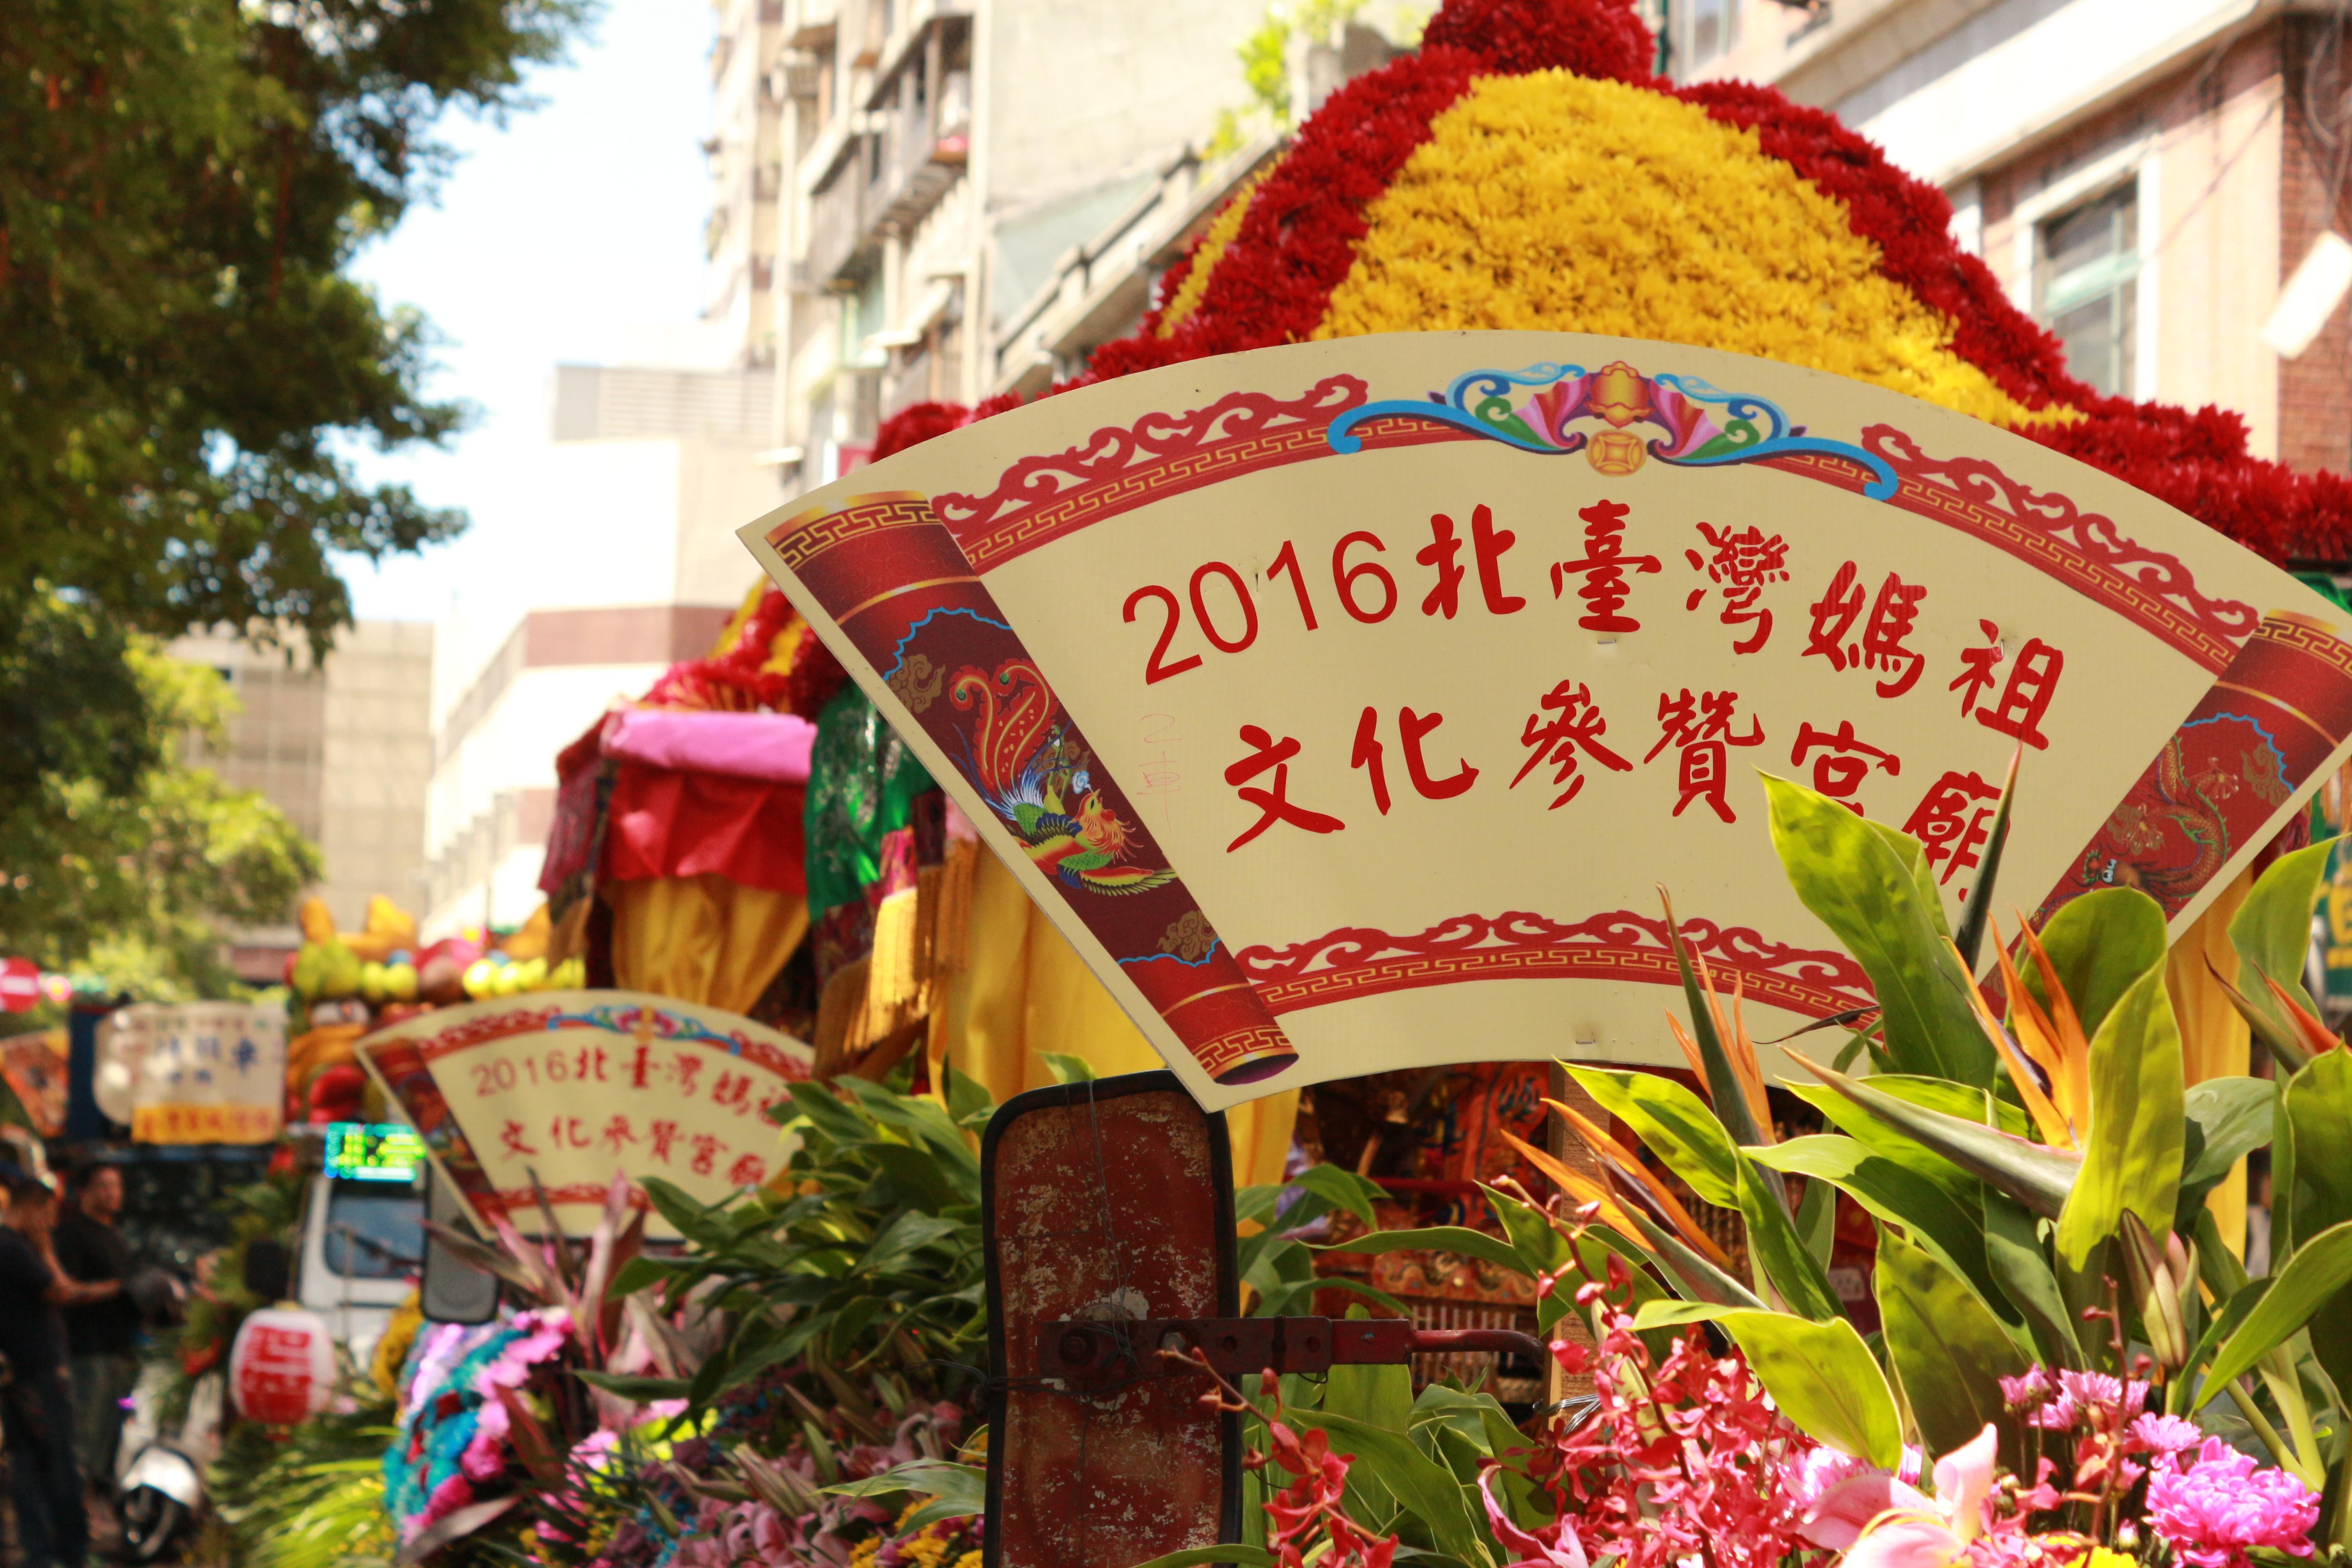 2016北台灣媽祖祭吸引北台灣20多座宮廟共襄盛舉。 攝影/莊立誠